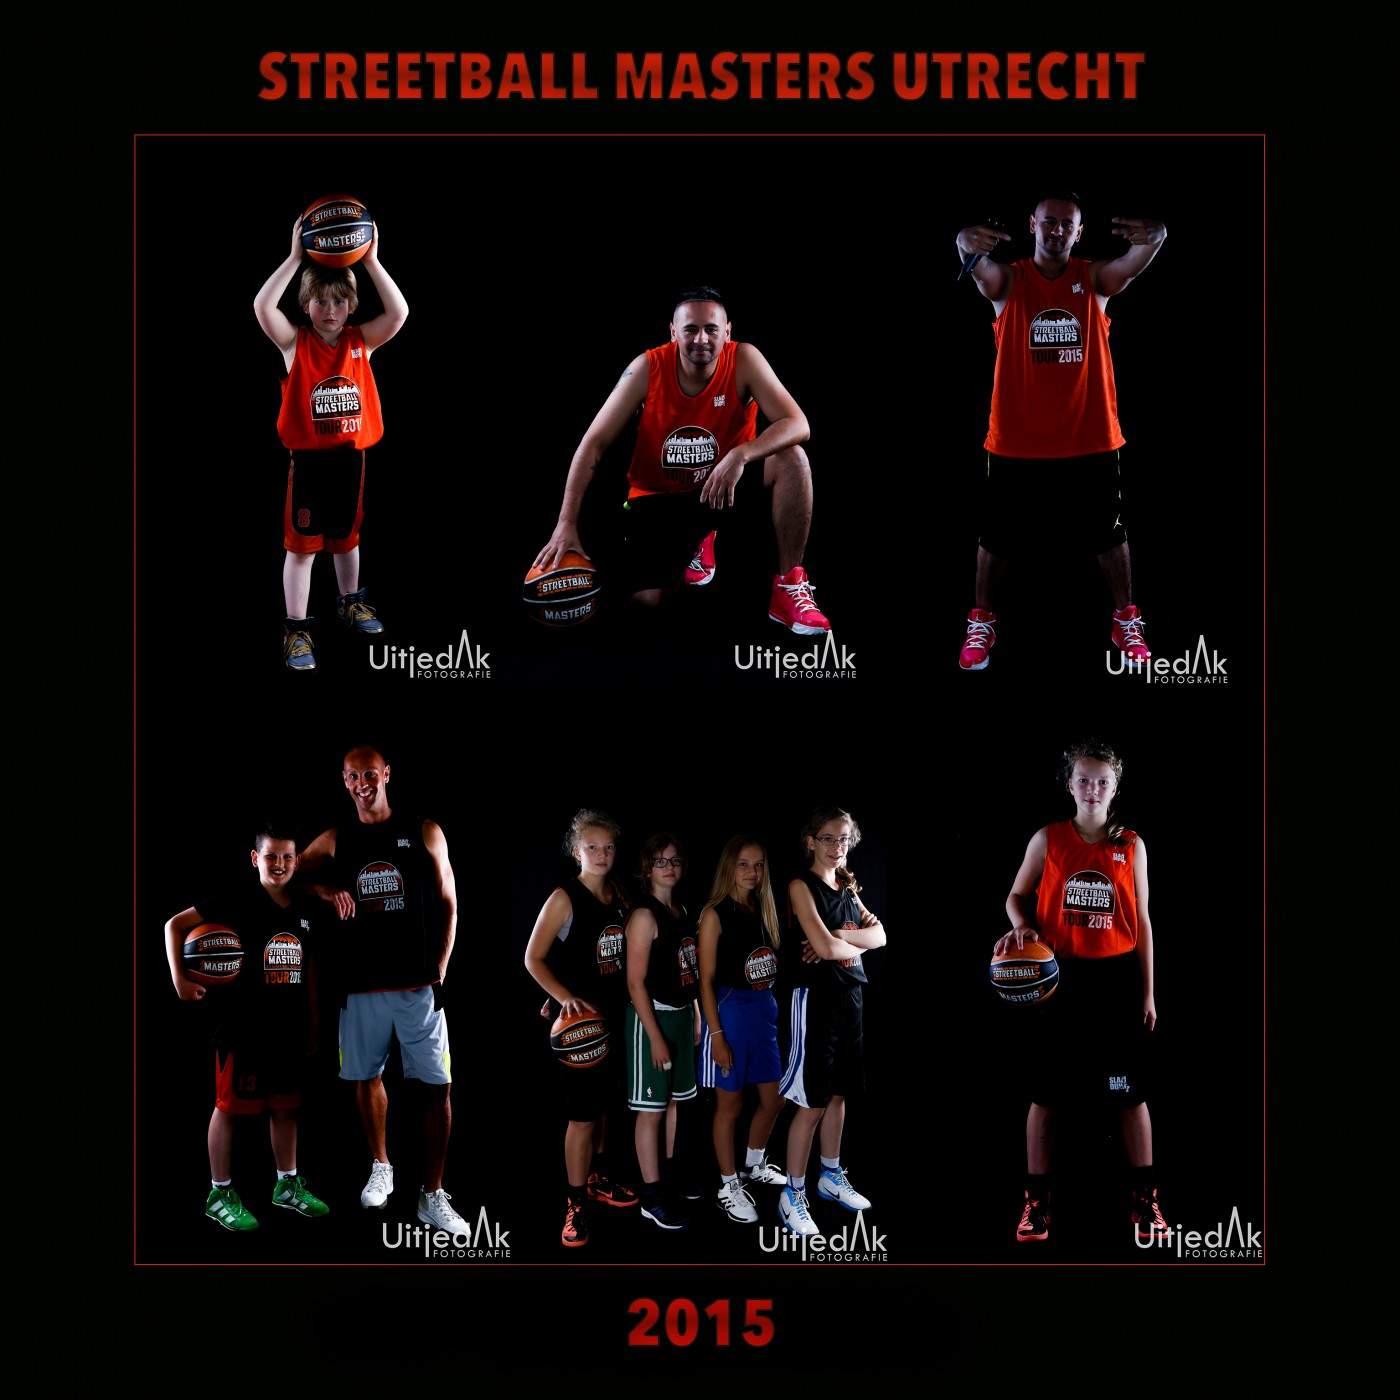 Streetball Masters Utrecht, studiofoto's Uitjedakfotografie